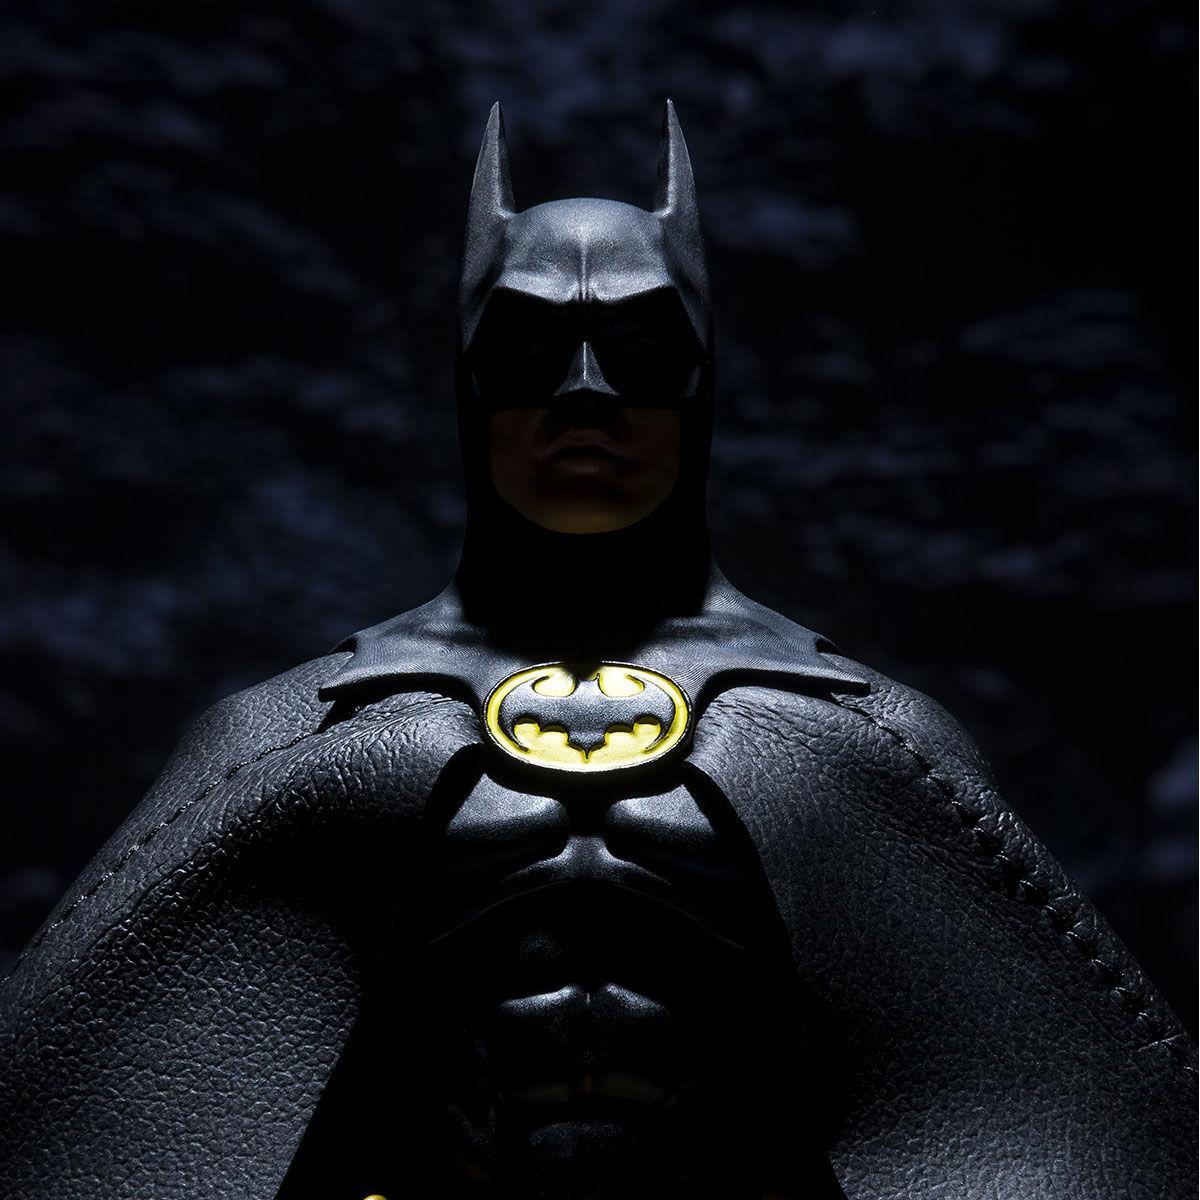 【限定販売】S.H.Figuarts『バットマン(BATMAN 1989)』可動フィギュア-001